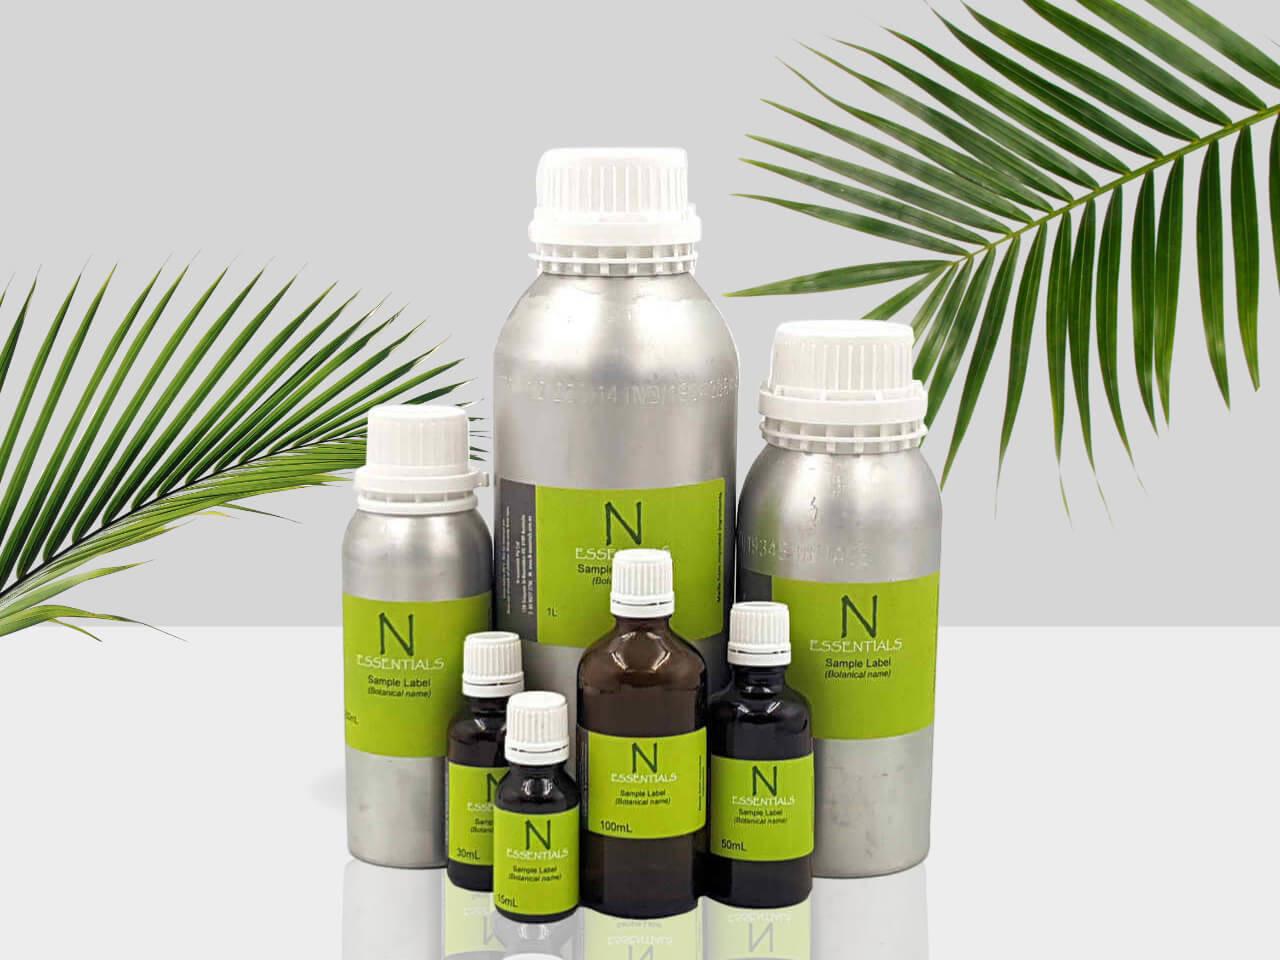 Vetiver Essential Oil Buy Online In Australia N Essentials